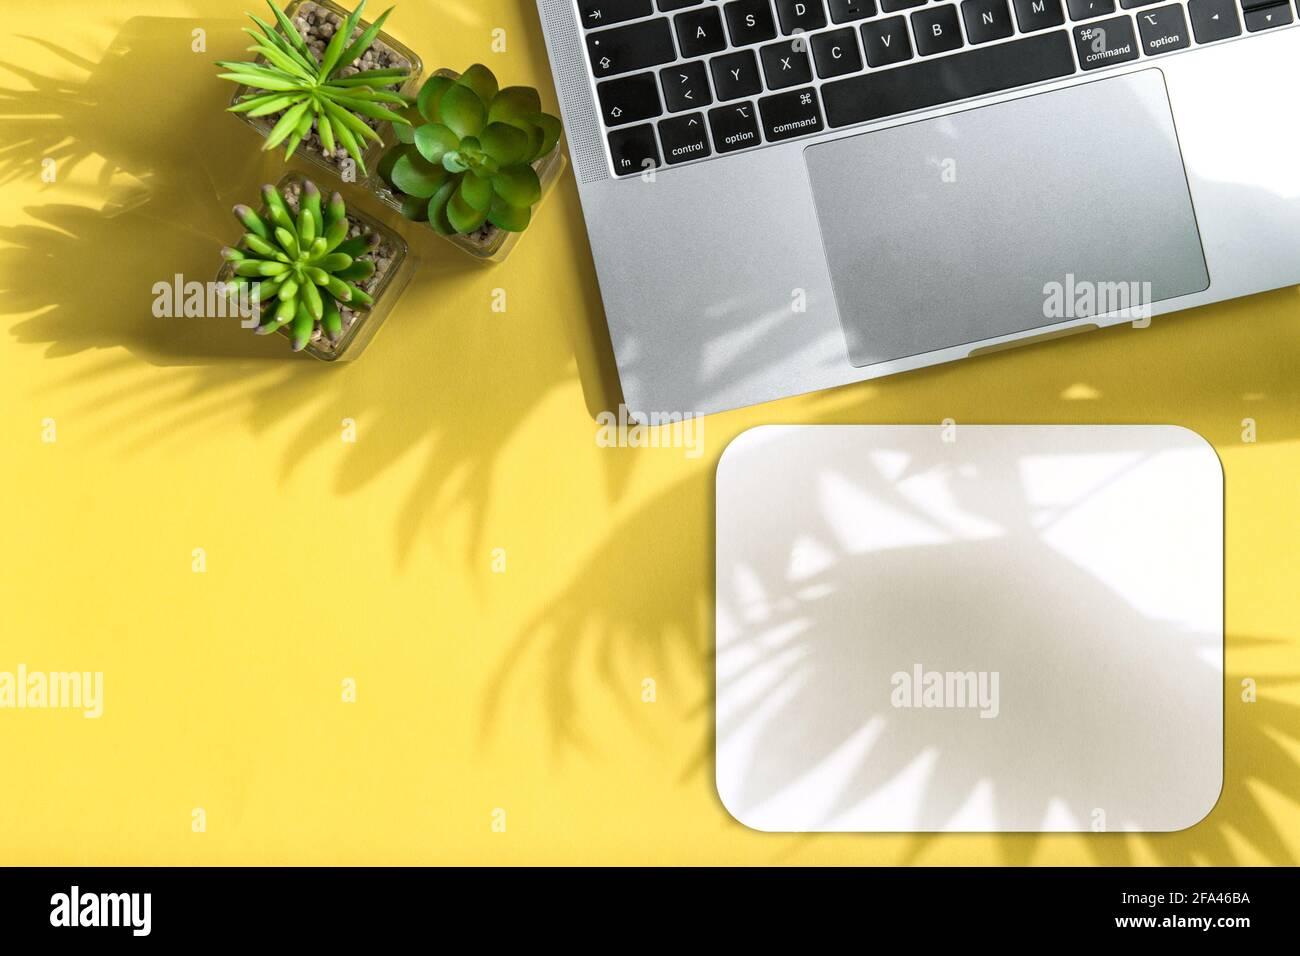 Bureau à domicile, plan de travail. Ordinateur portable et tapis de souris avec ombre au soleil Banque D'Images